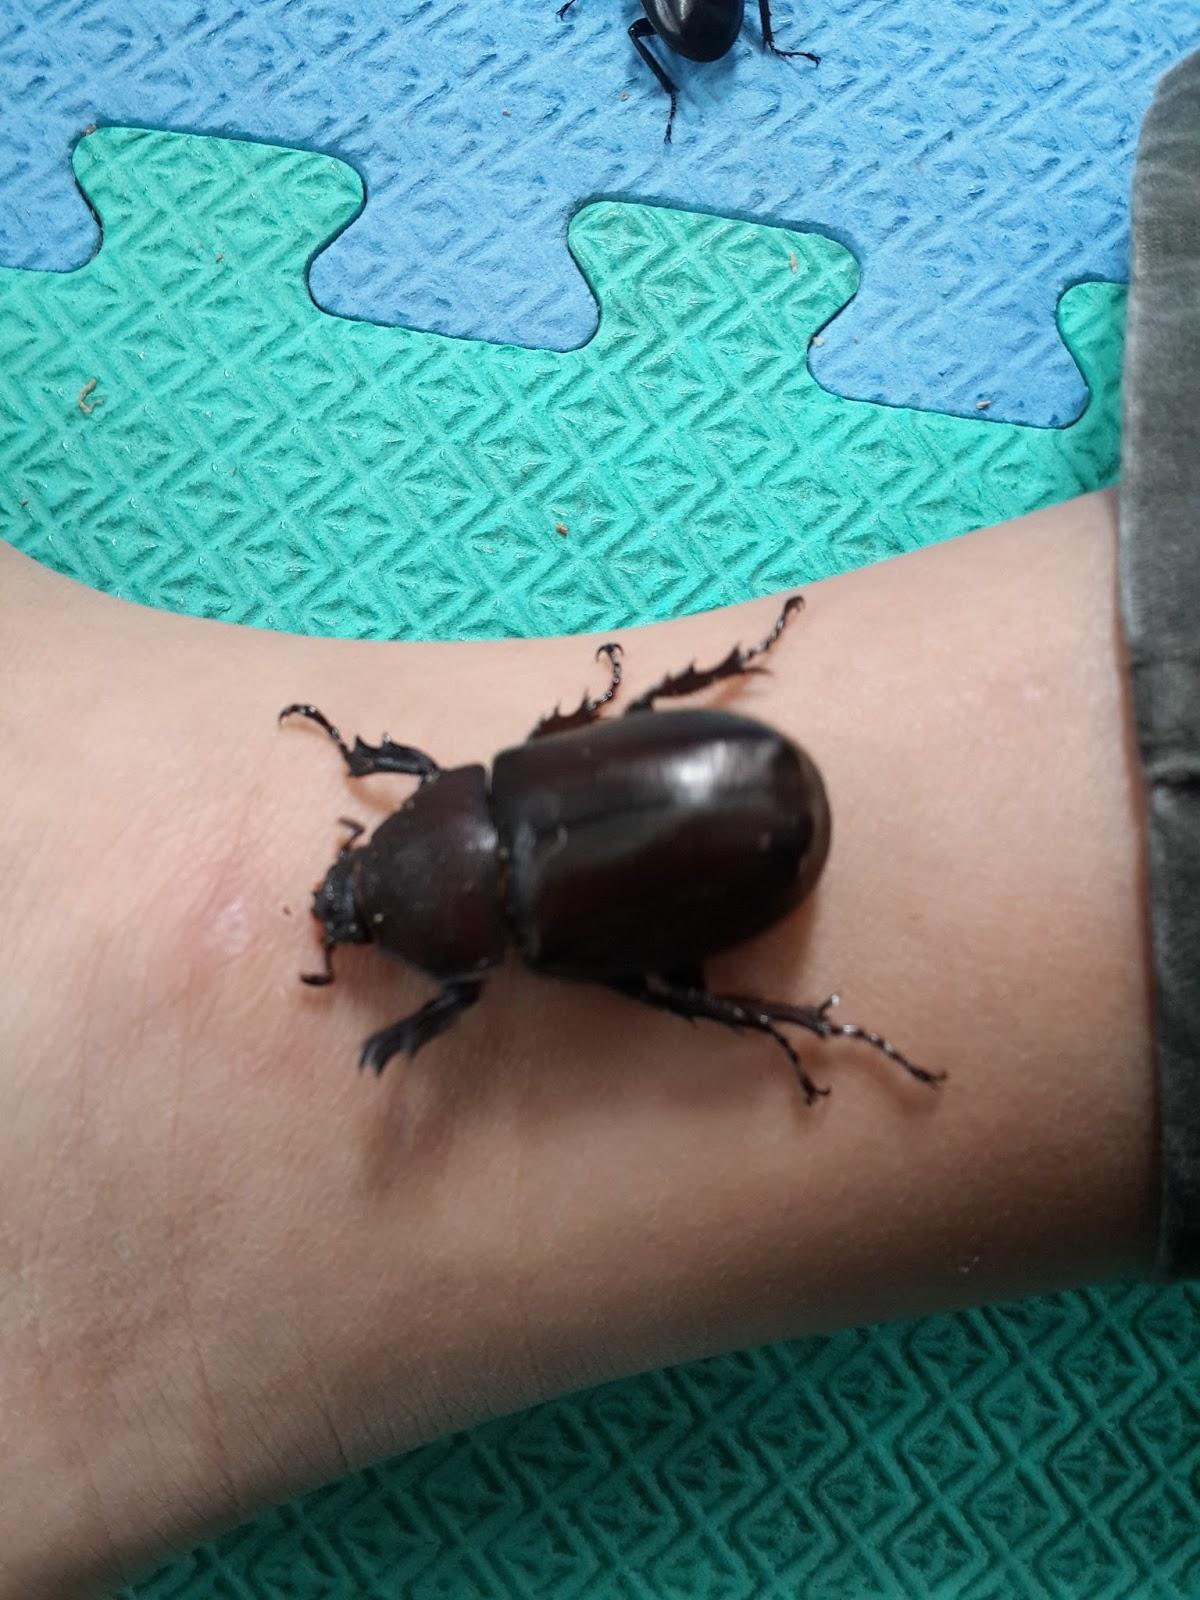 甲蟲王者: 世界上最大隻的甲蟲【赫克力士長戟大兜蟲】